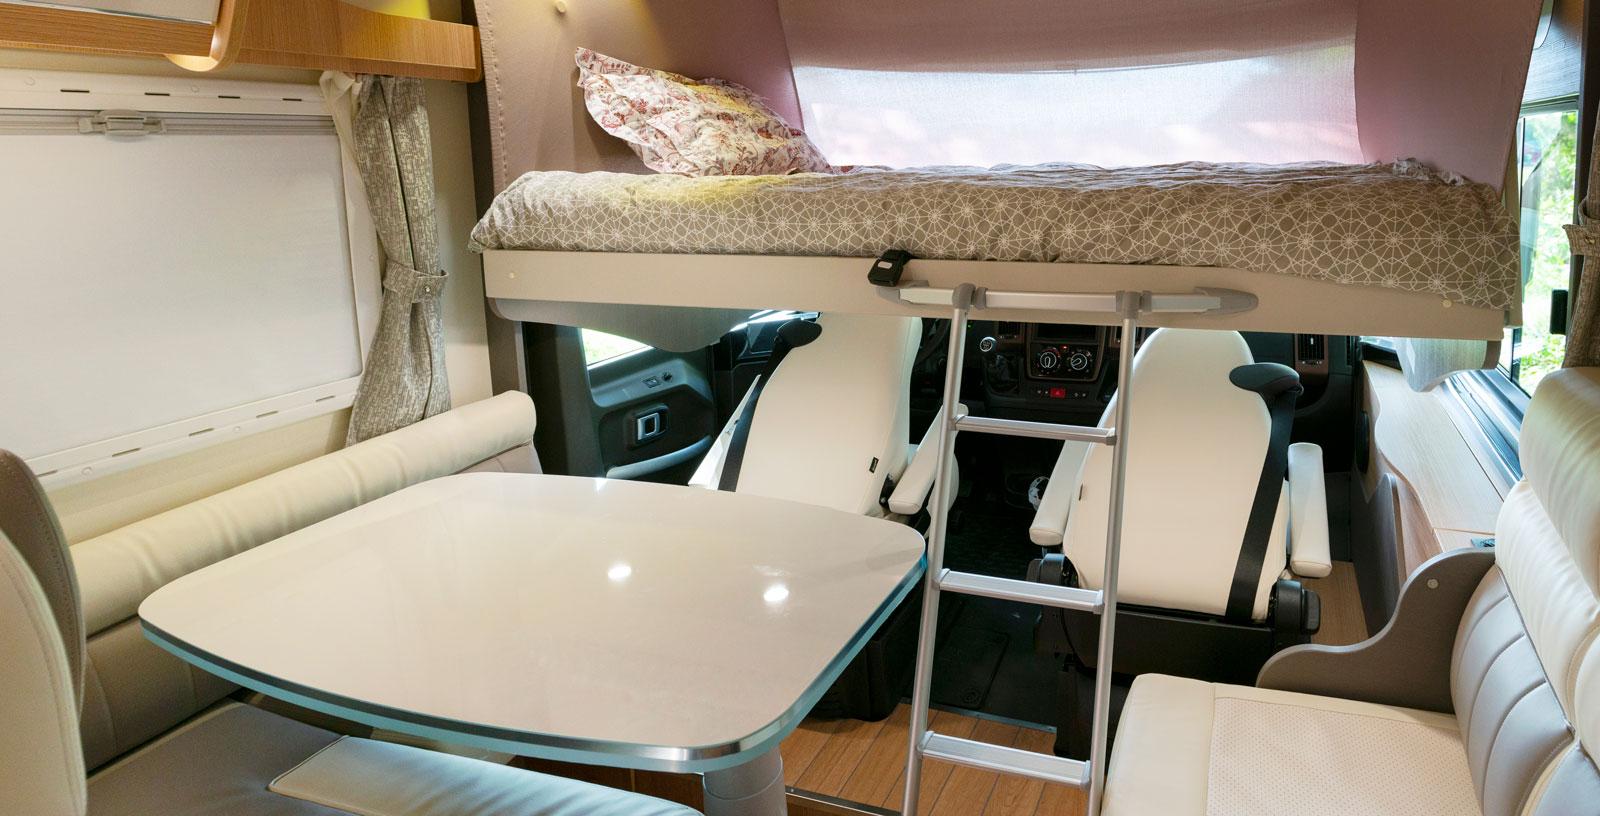 När det blir dags att bädda för gästerna är det bara att fälla framstolarna och dra ner sängen. Sittgruppen kan användas ändå.